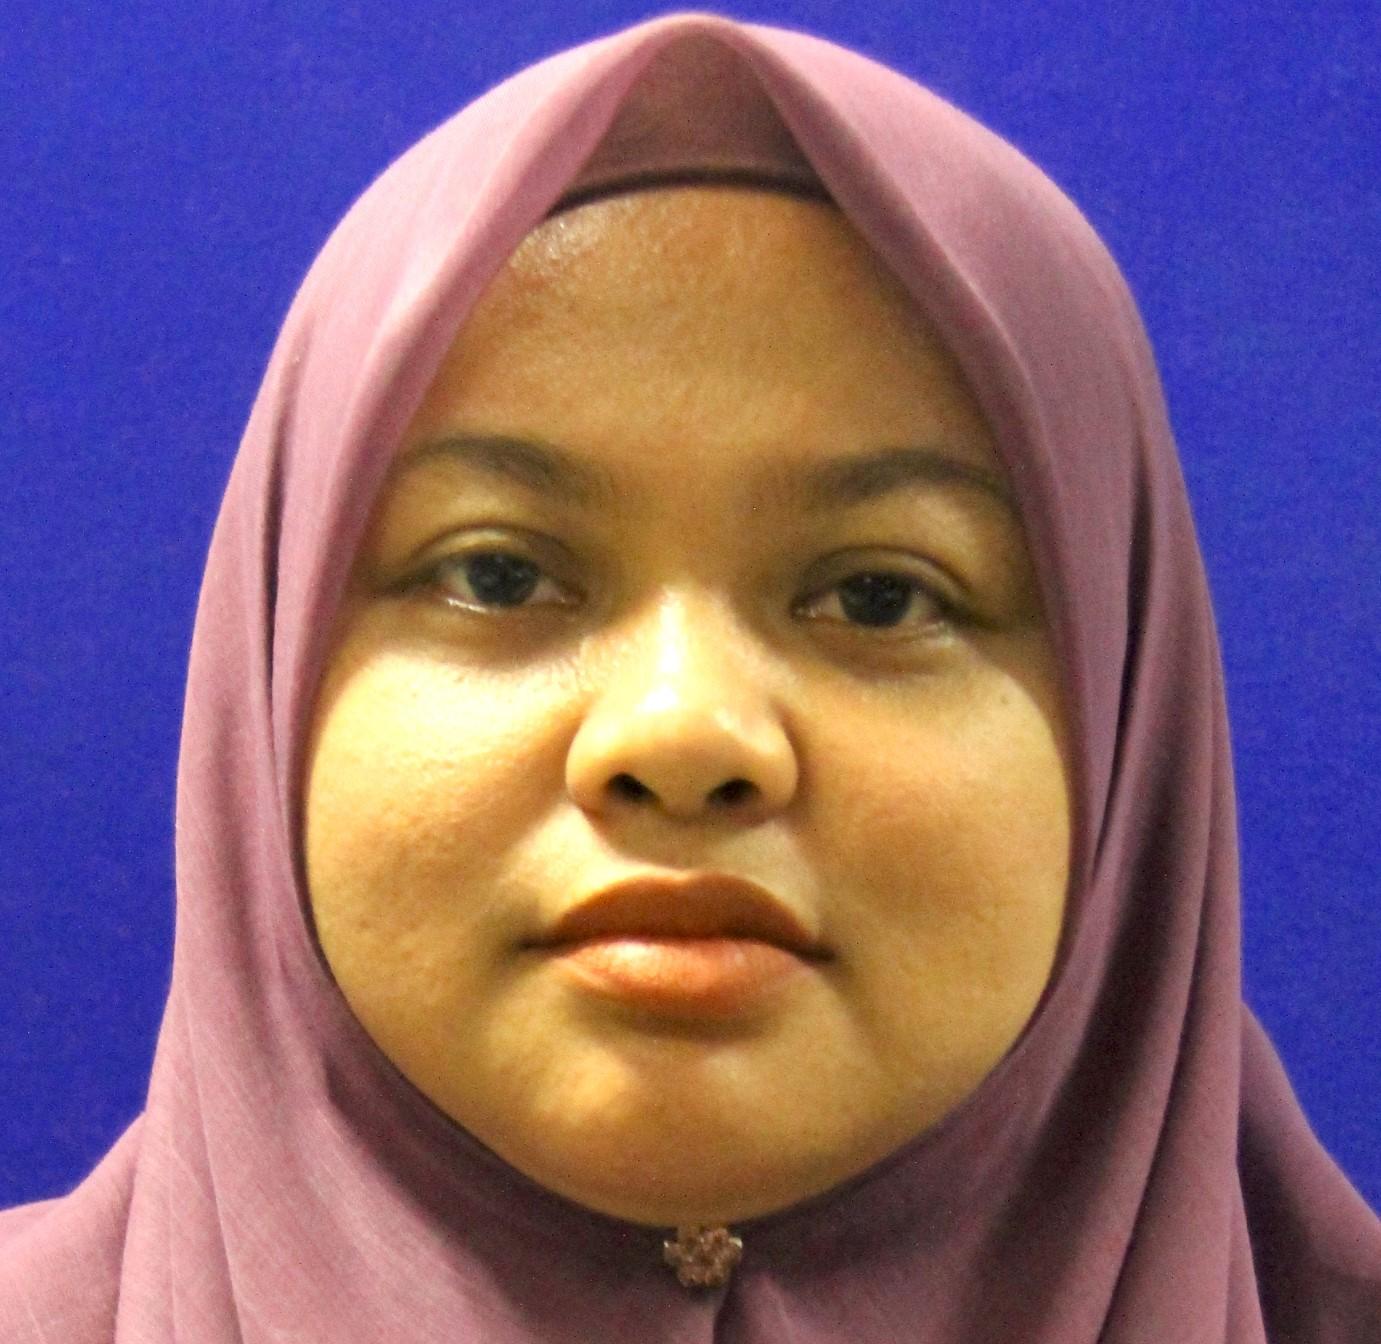 Noor Hayatun Fadzila binti Mohd Noor